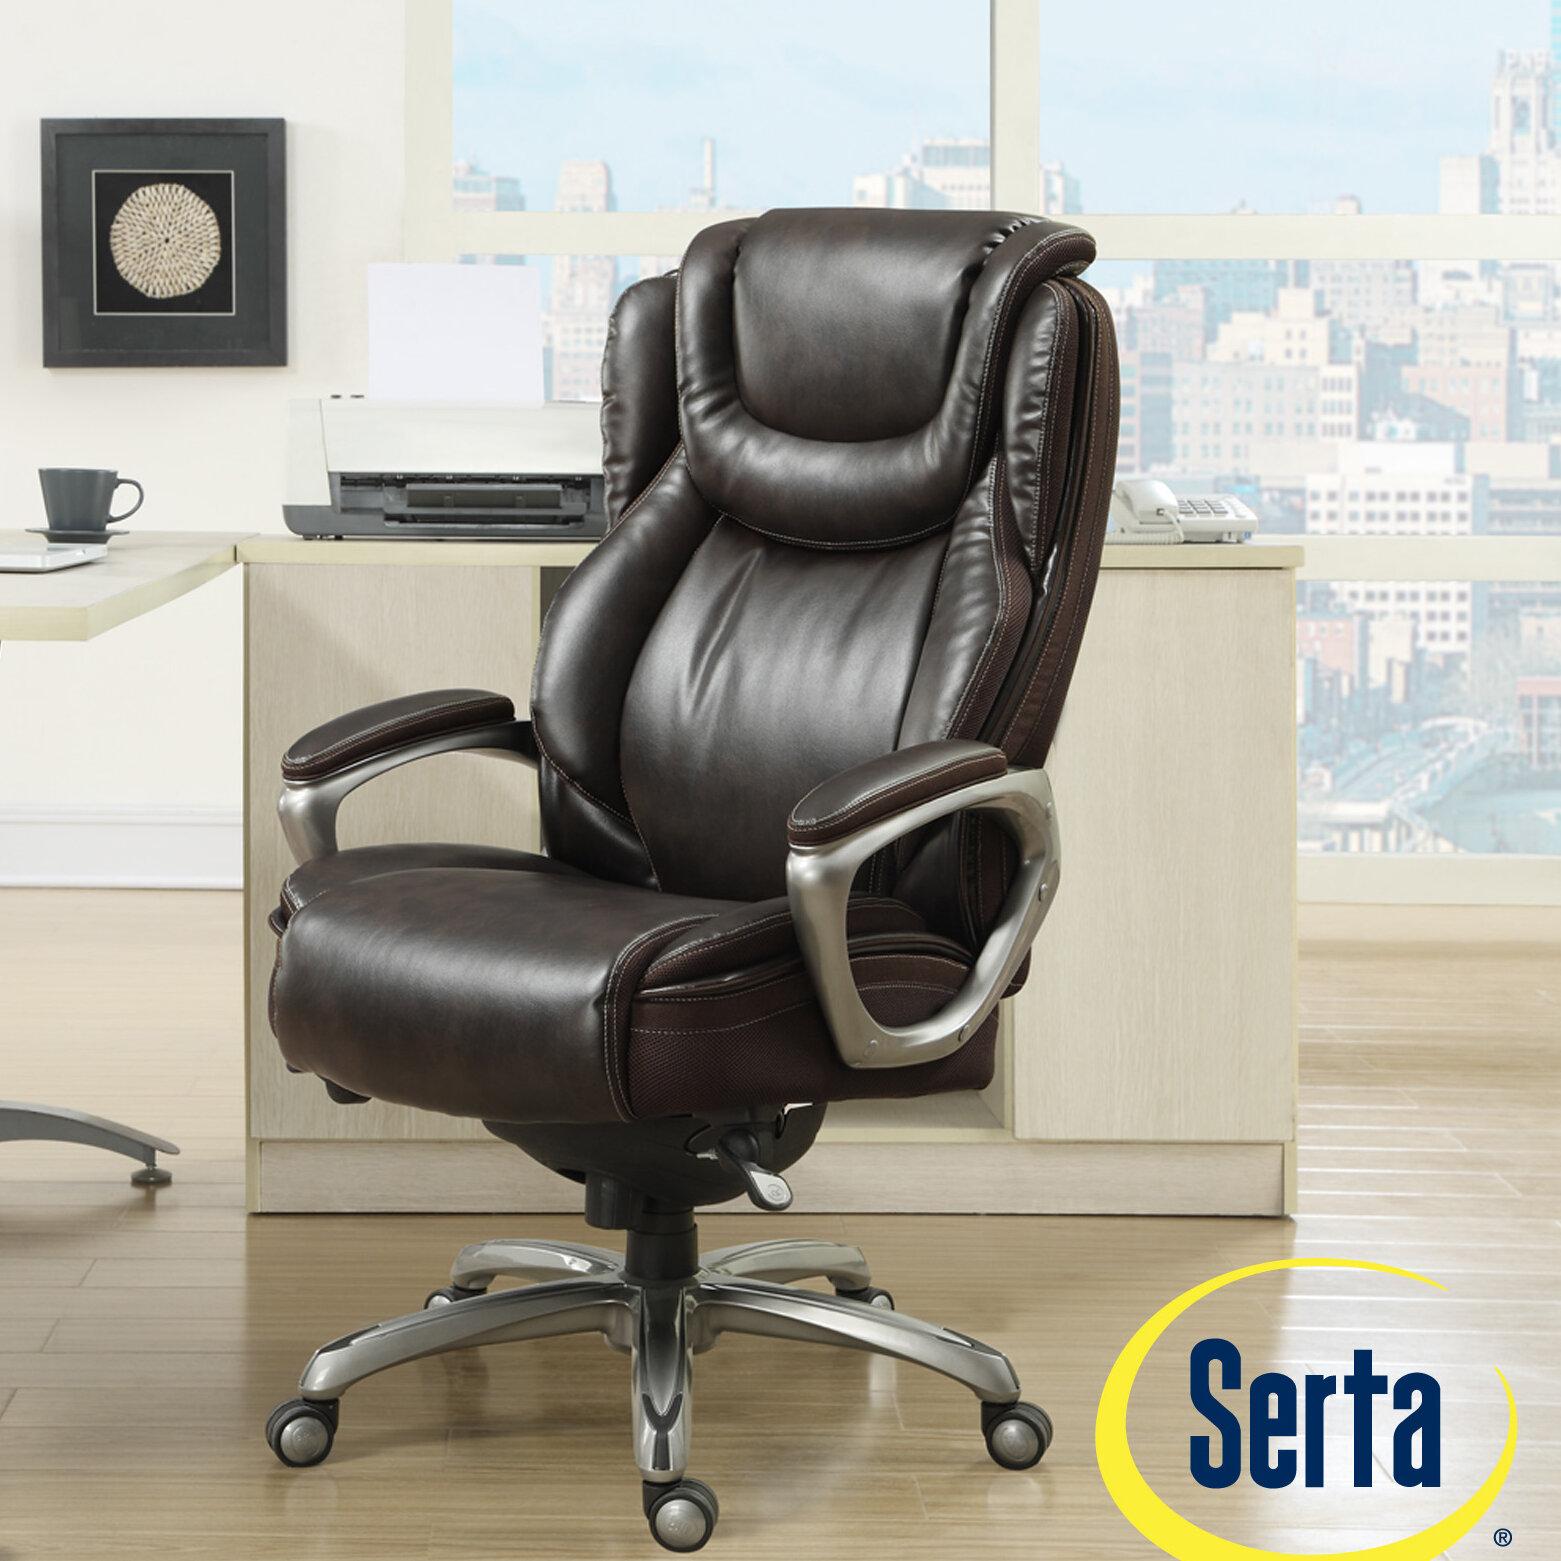 Harmony High Back Executive Office Chair EBay